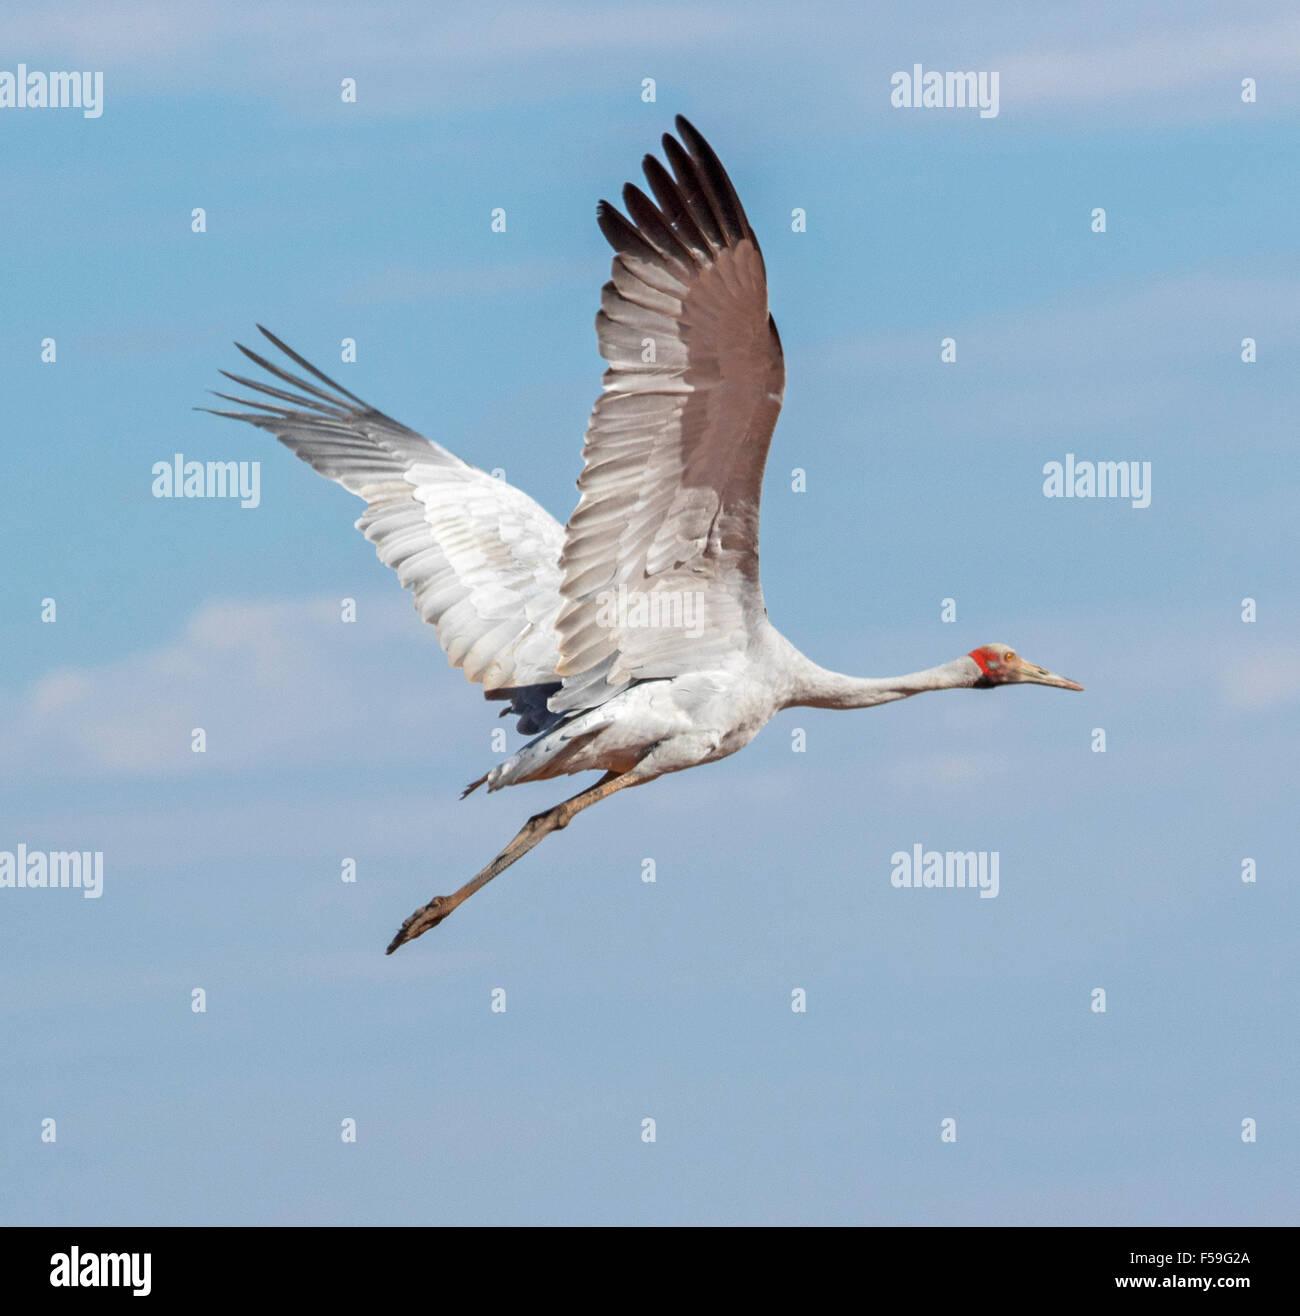 Brolga, australischer Kranich, Grus Rubicunda, große elegante graue Vogel im Flug gegen blauen Himmel im Outback Stockbild